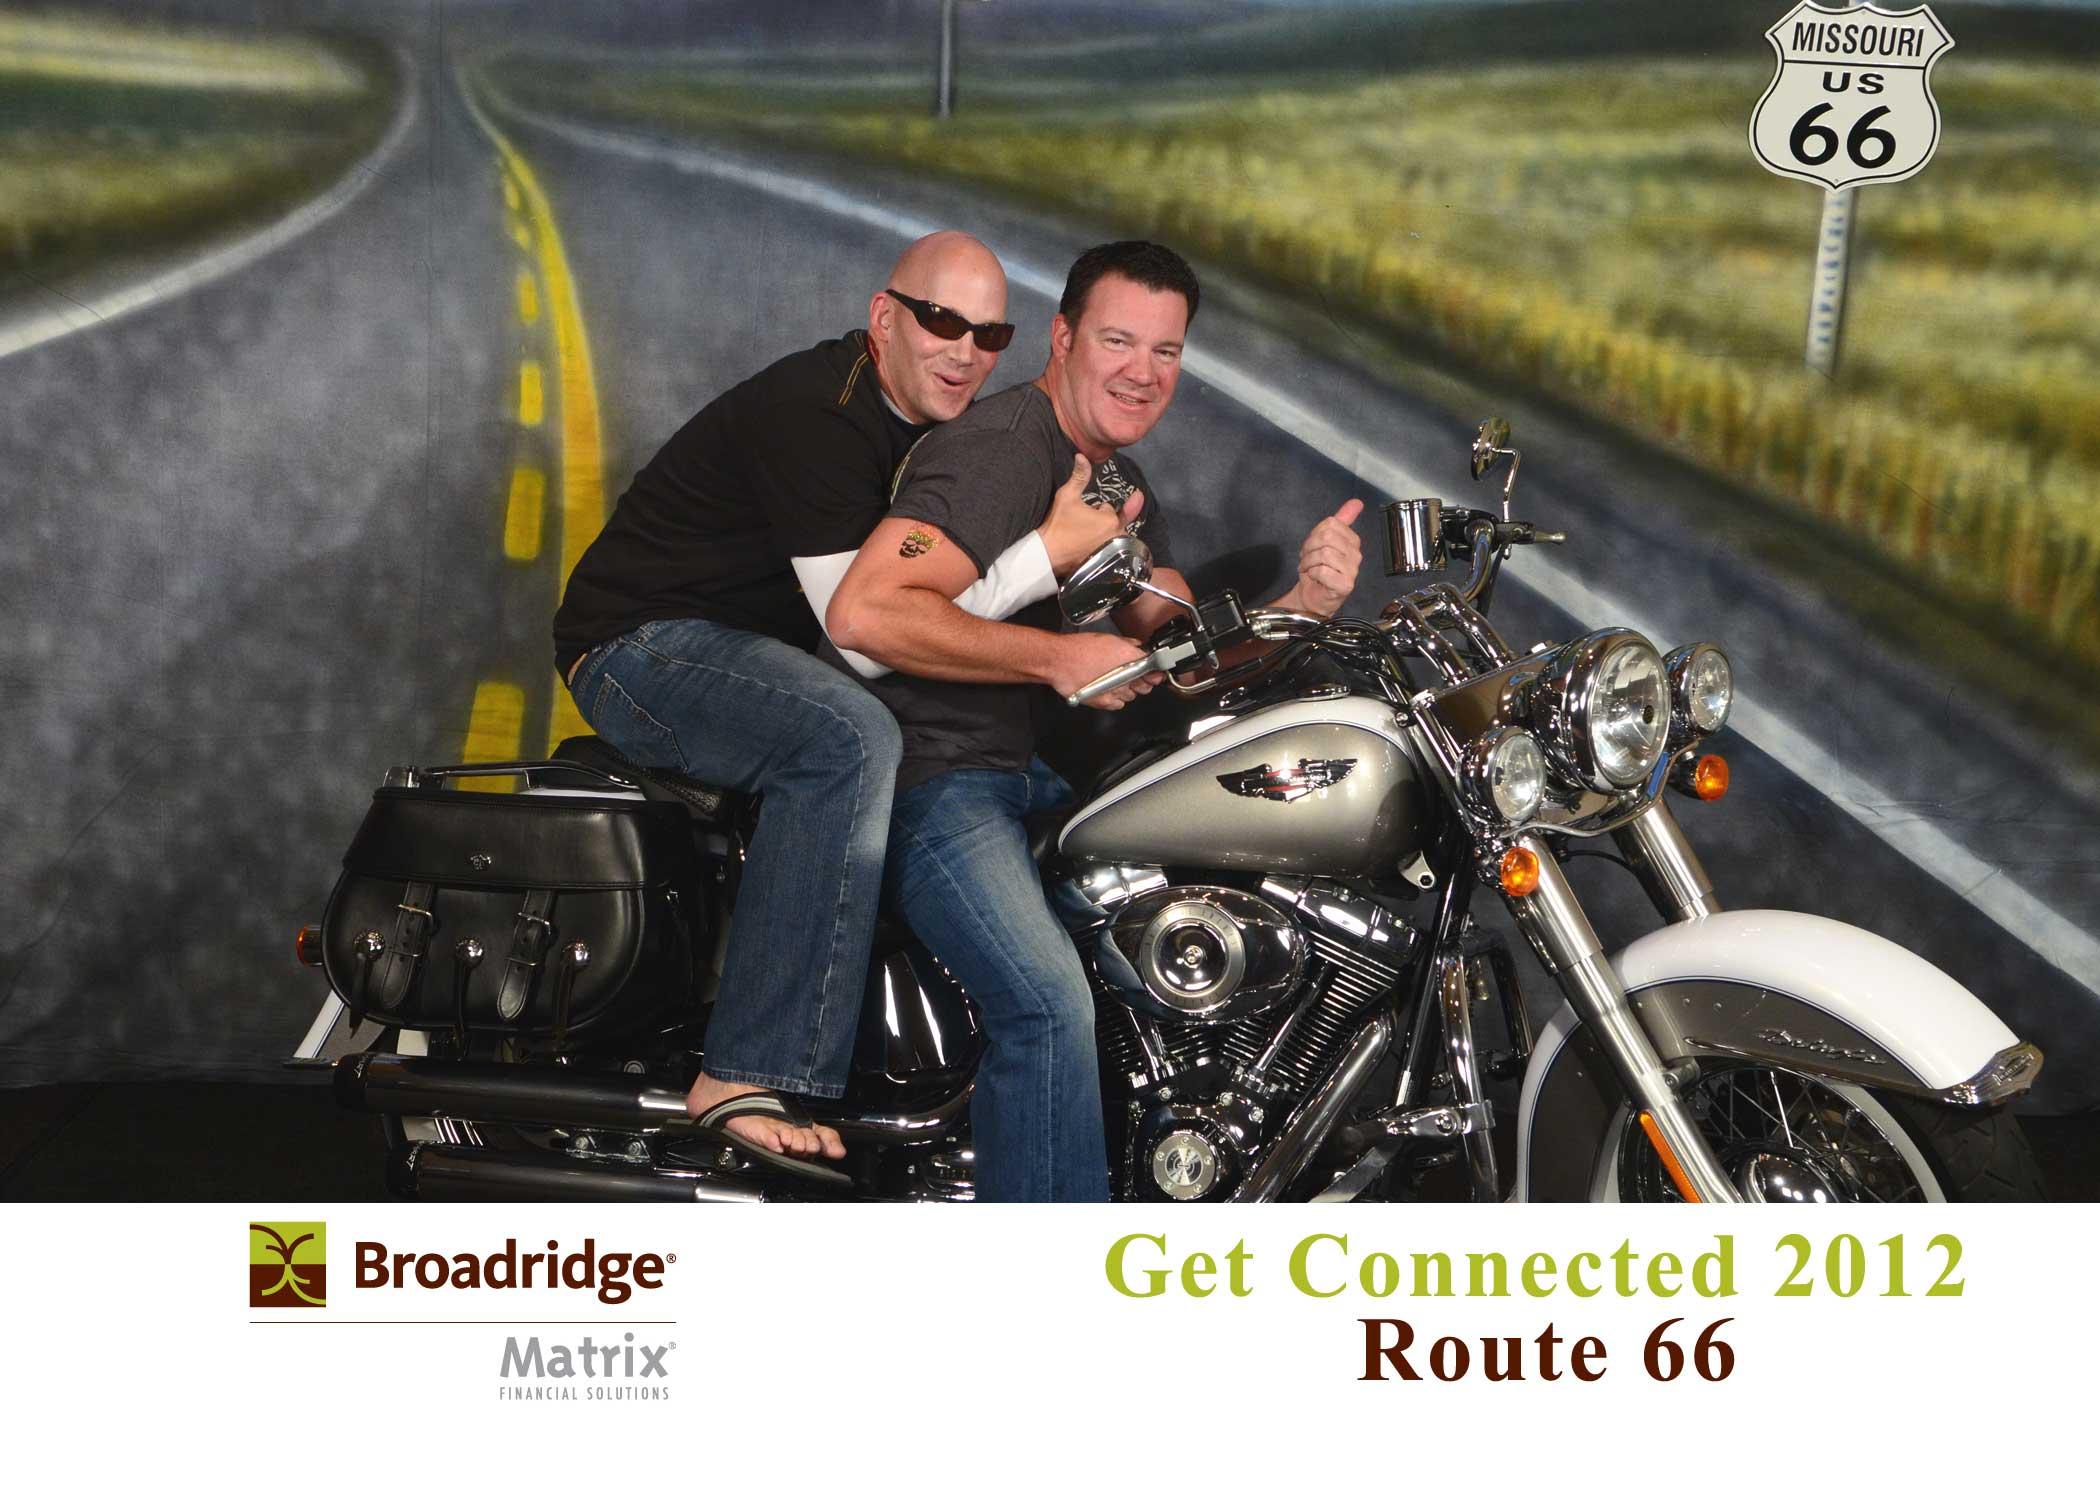 b Matrix-2012-v2-pm-web.jpg